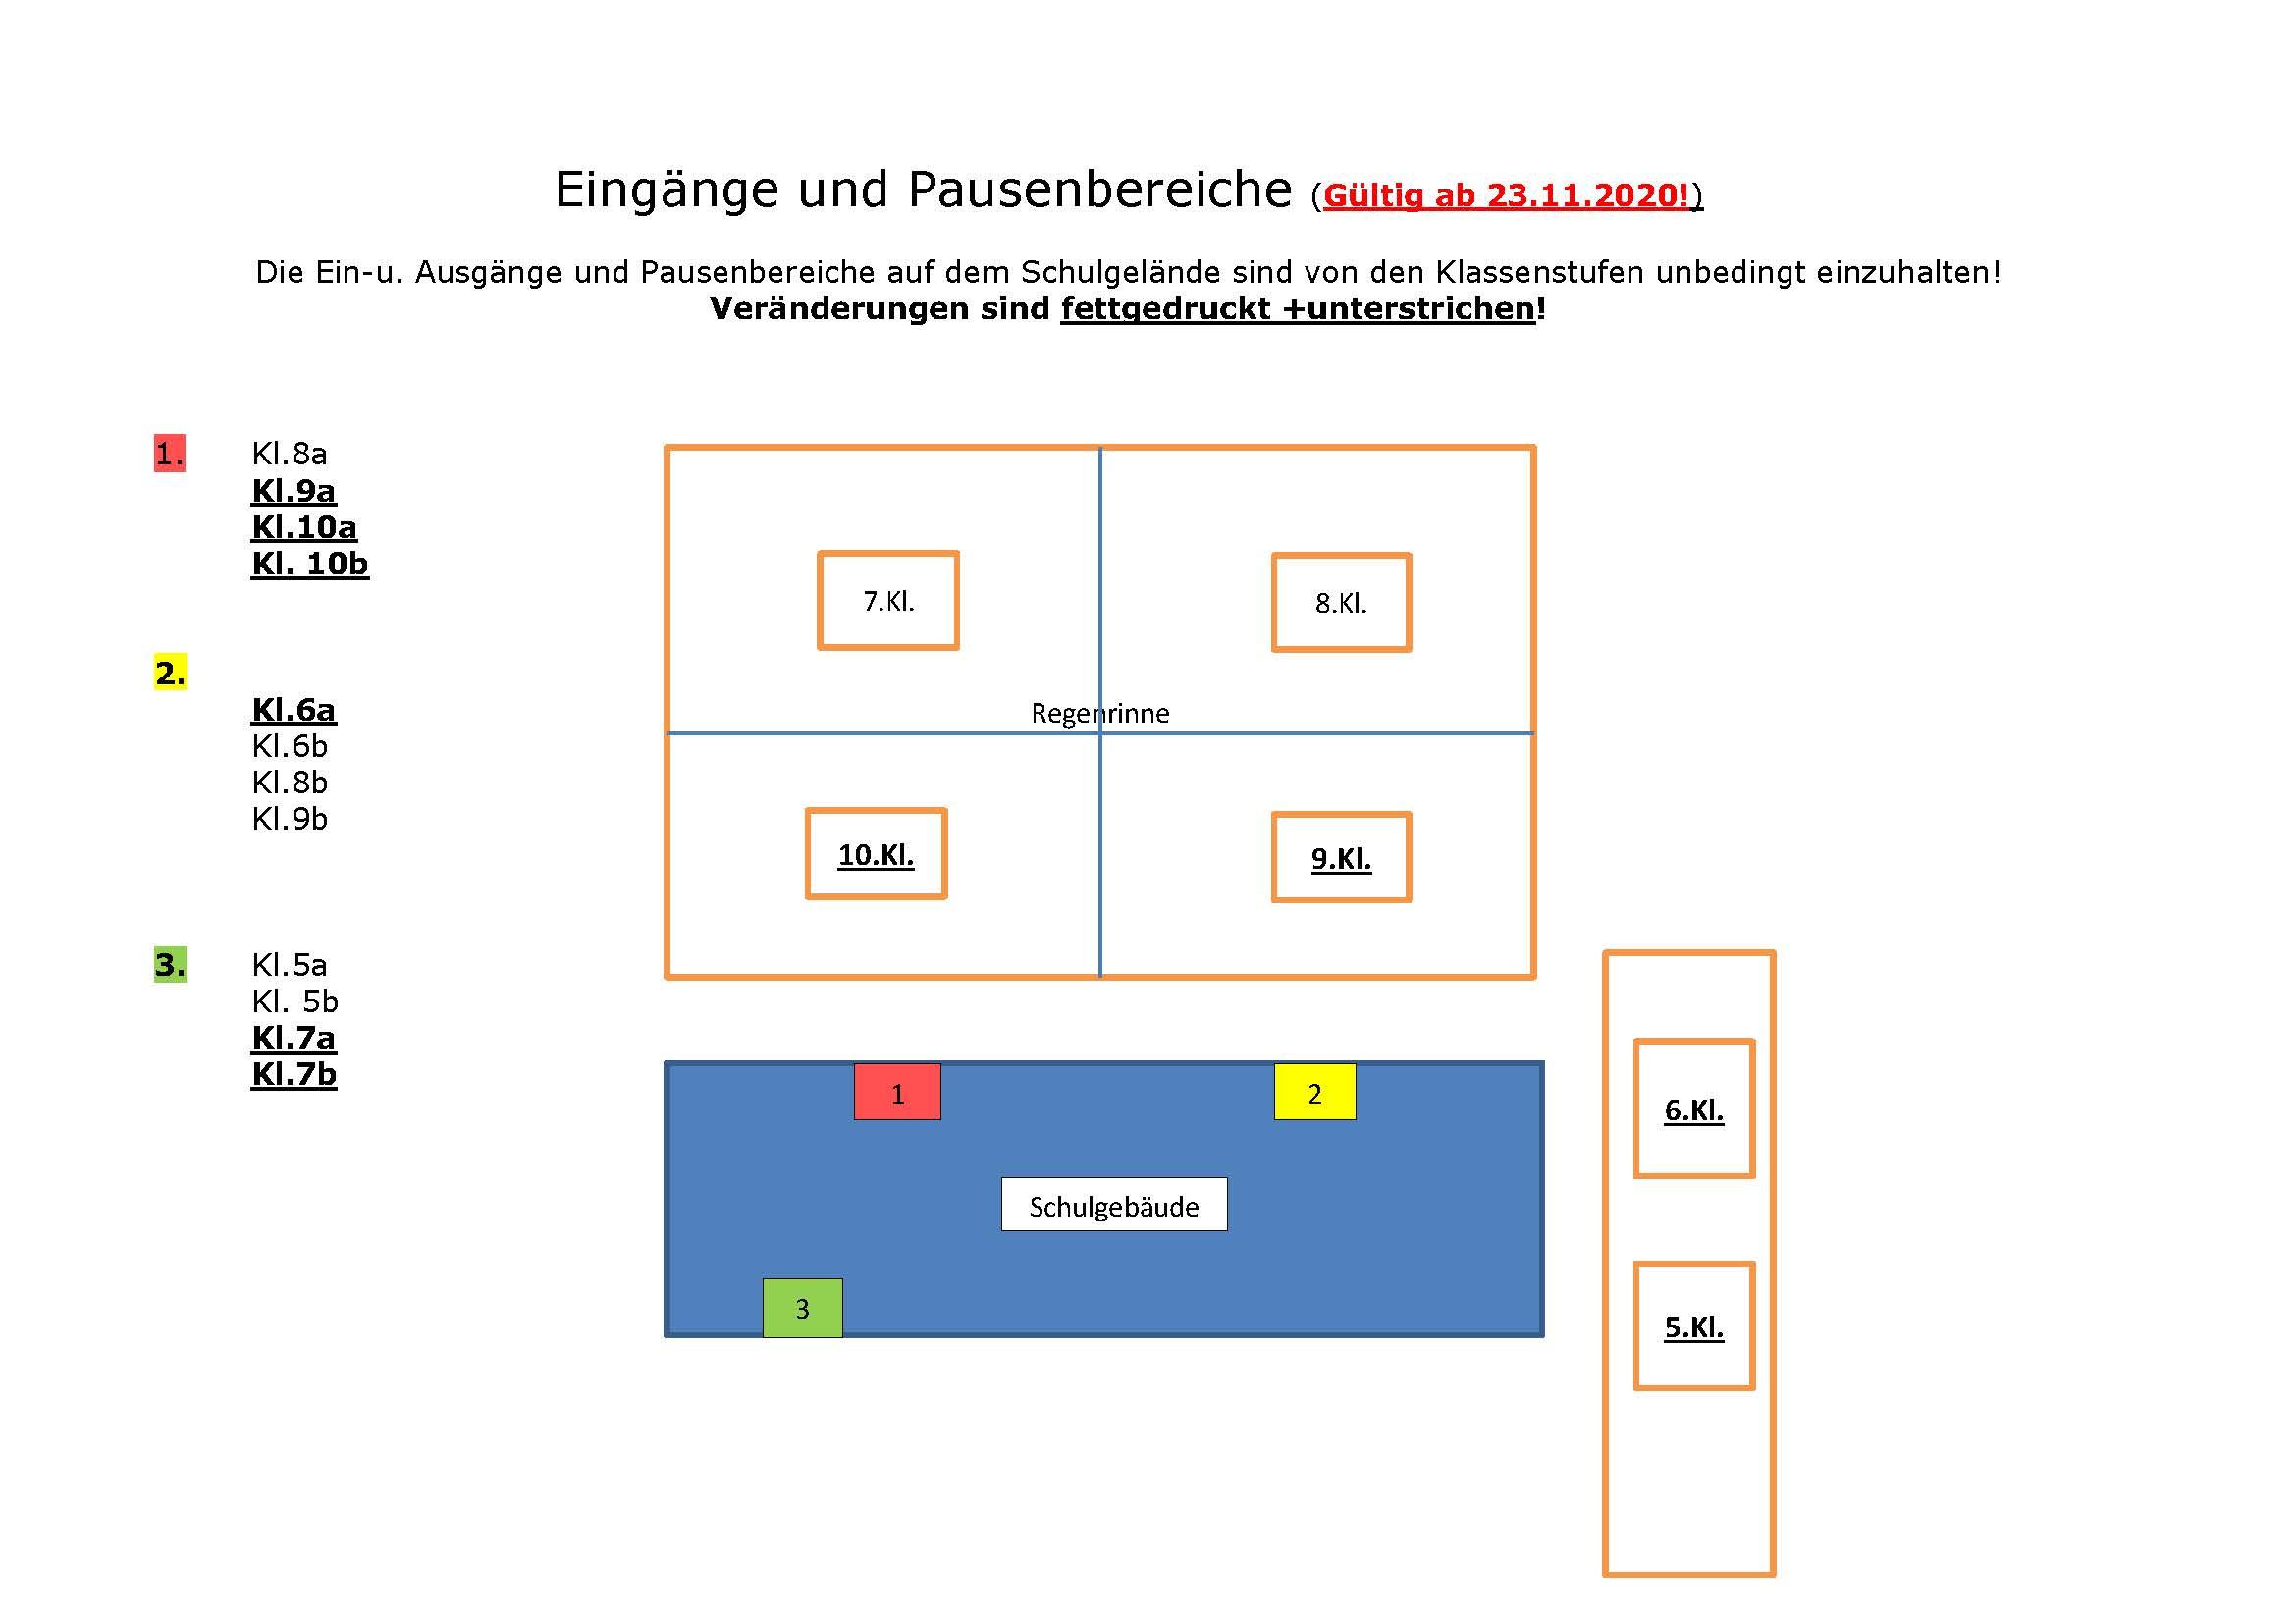 Eingänge und Pausenbereiche (1)